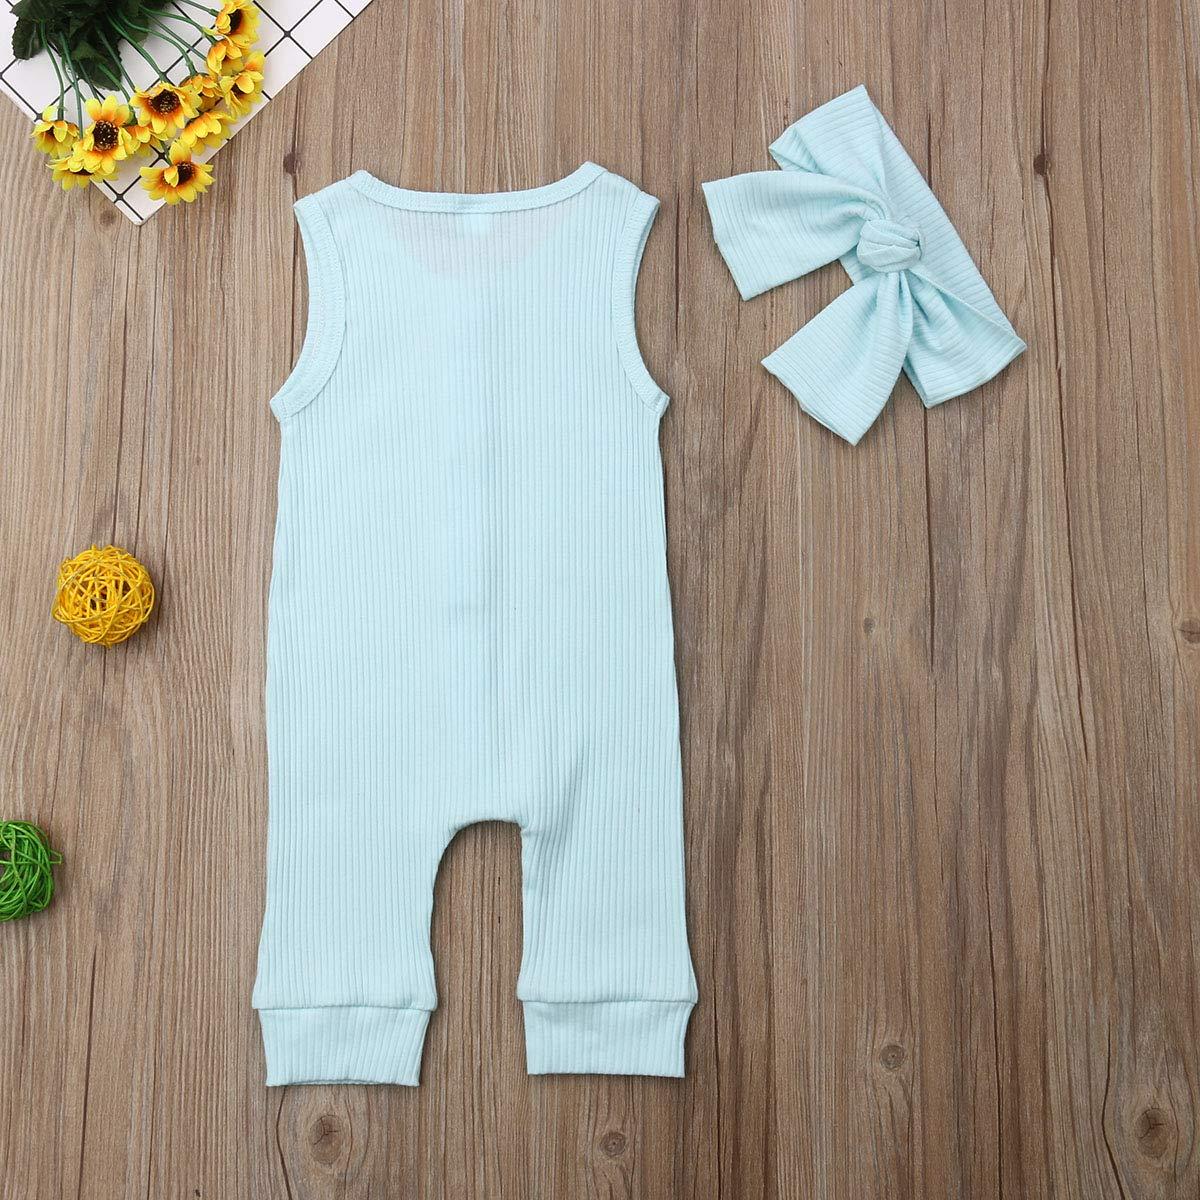 WangsCanis Neugeborenes Unisex Baby Body M/ädchen Junge in Unifarben /Ärmellos Bodysuit Spielanzug Overall mit Stirnband 2tlg Kleidungs Sets